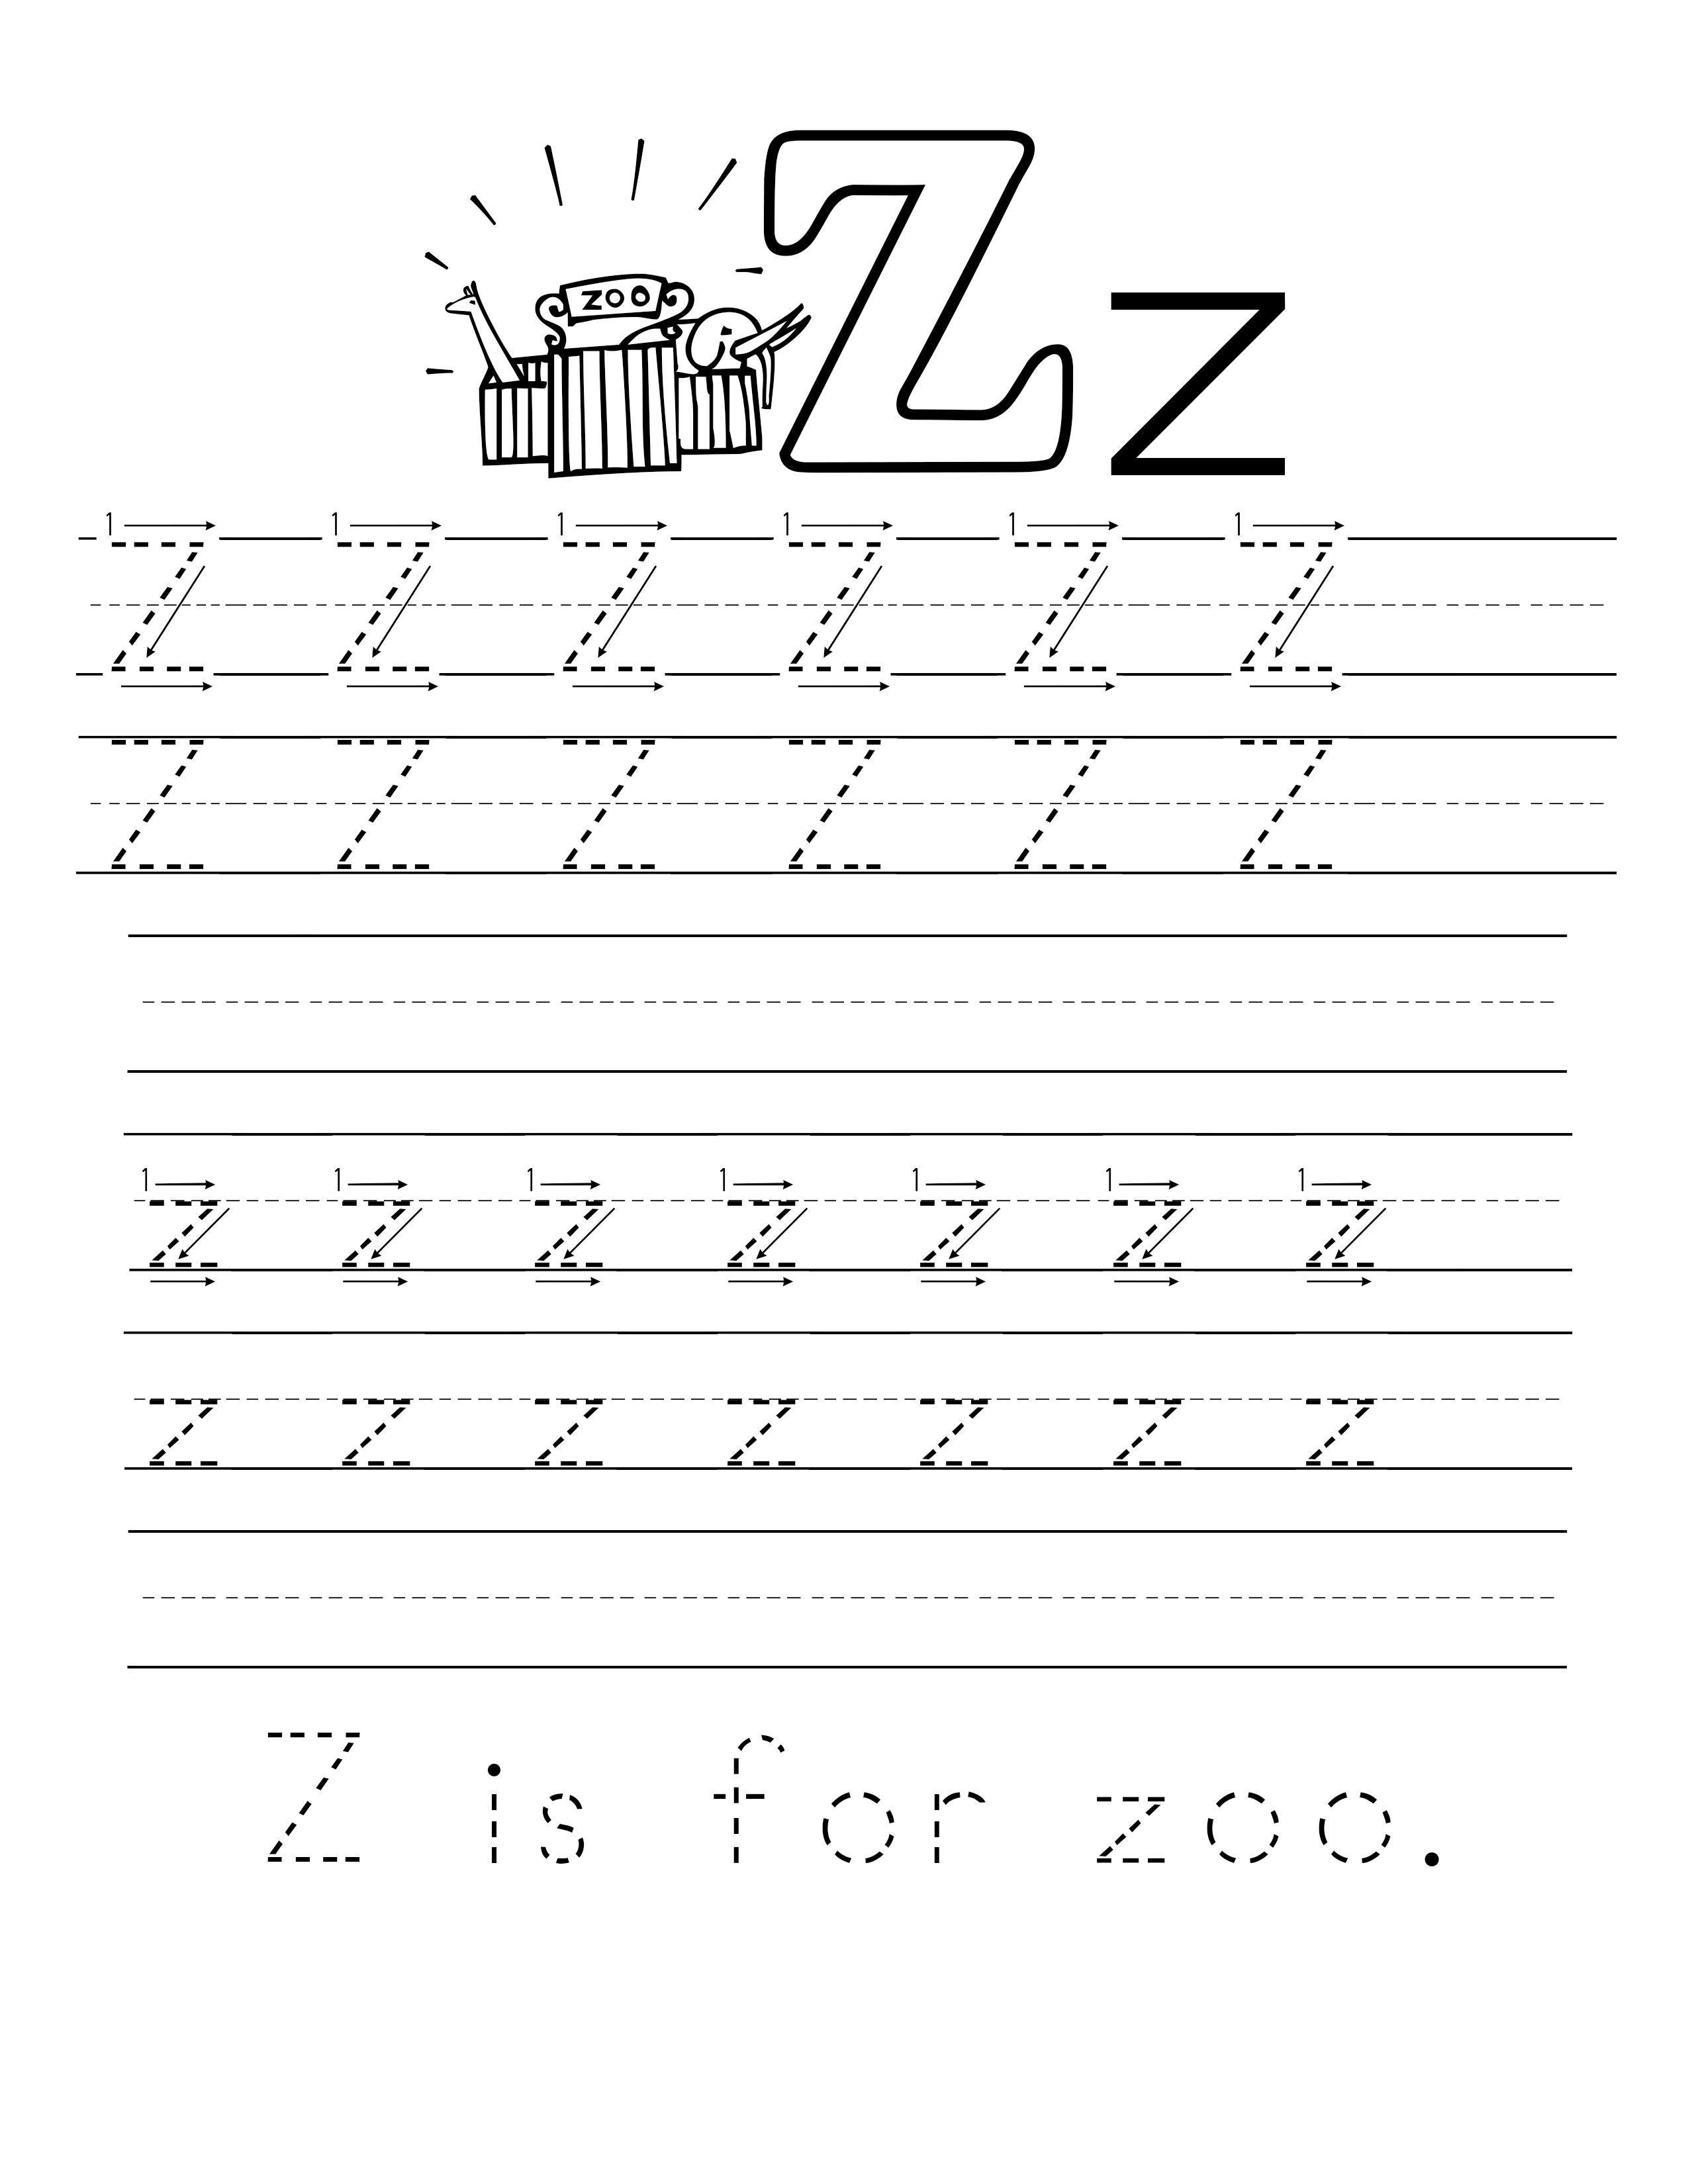 A To Z Missing Letters Worksheets Letter Worksheets